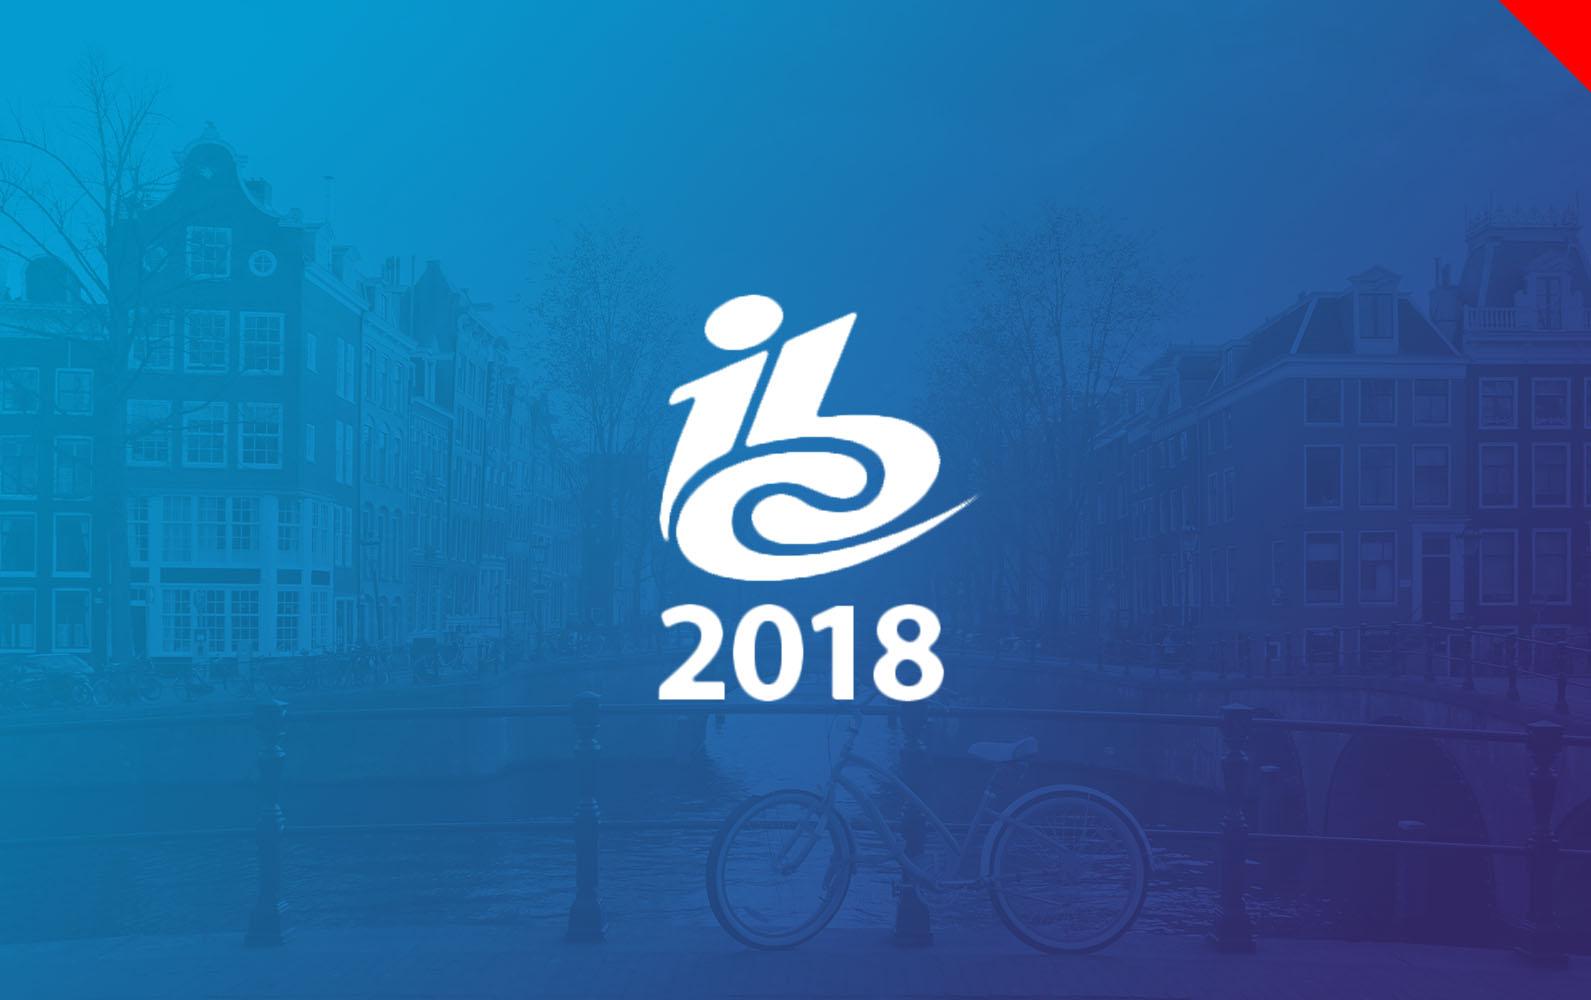 IBC2018-1